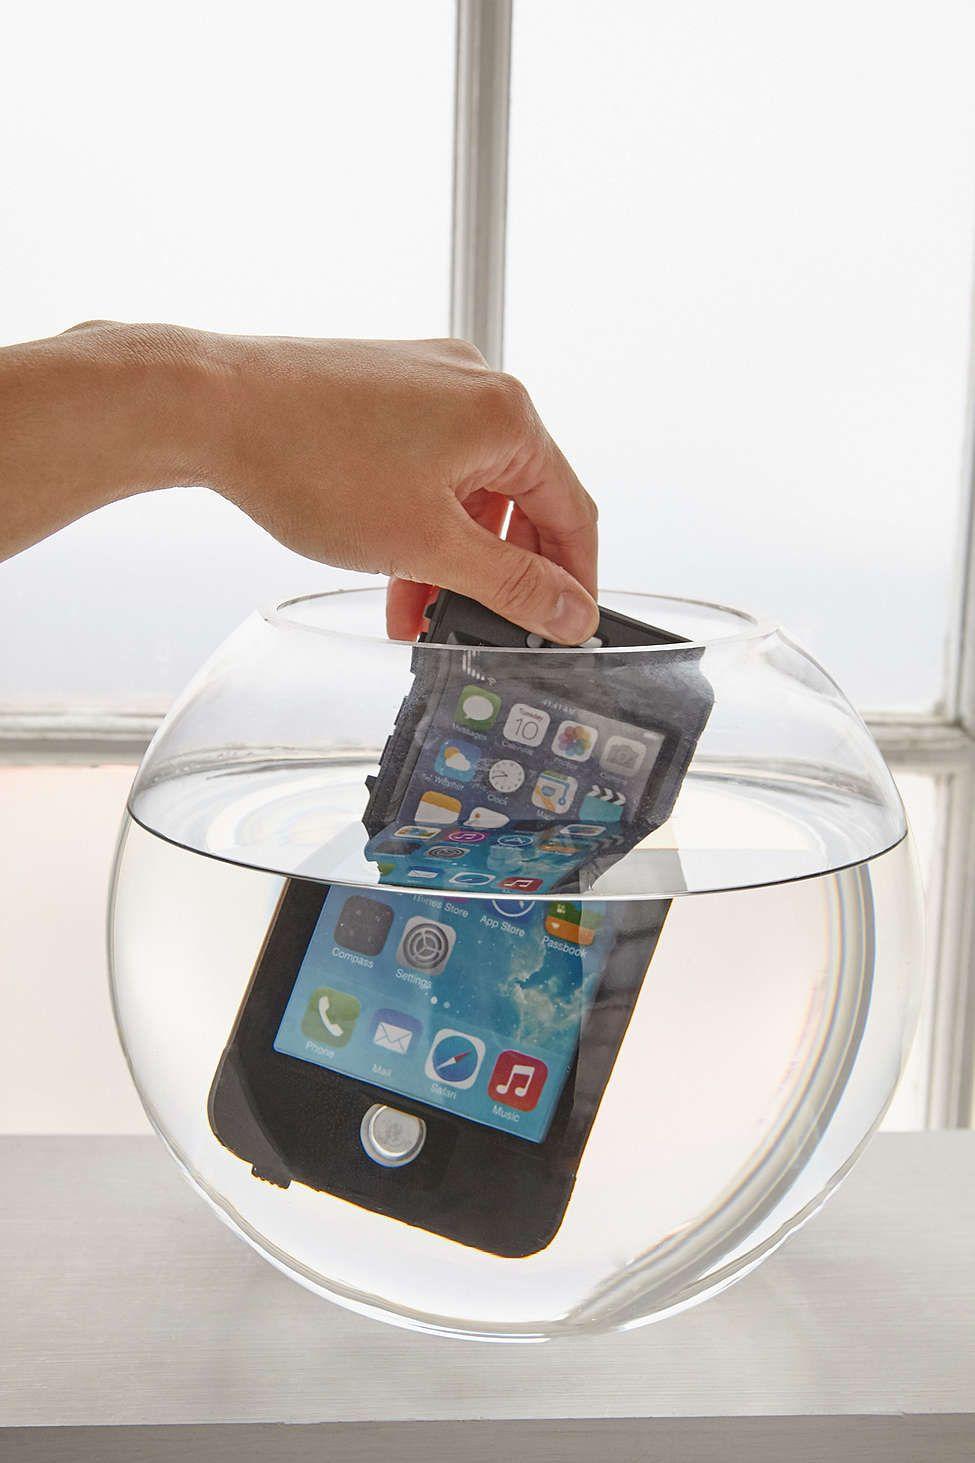 Lifeproof Nuud Waterproof iPhone 6 Case